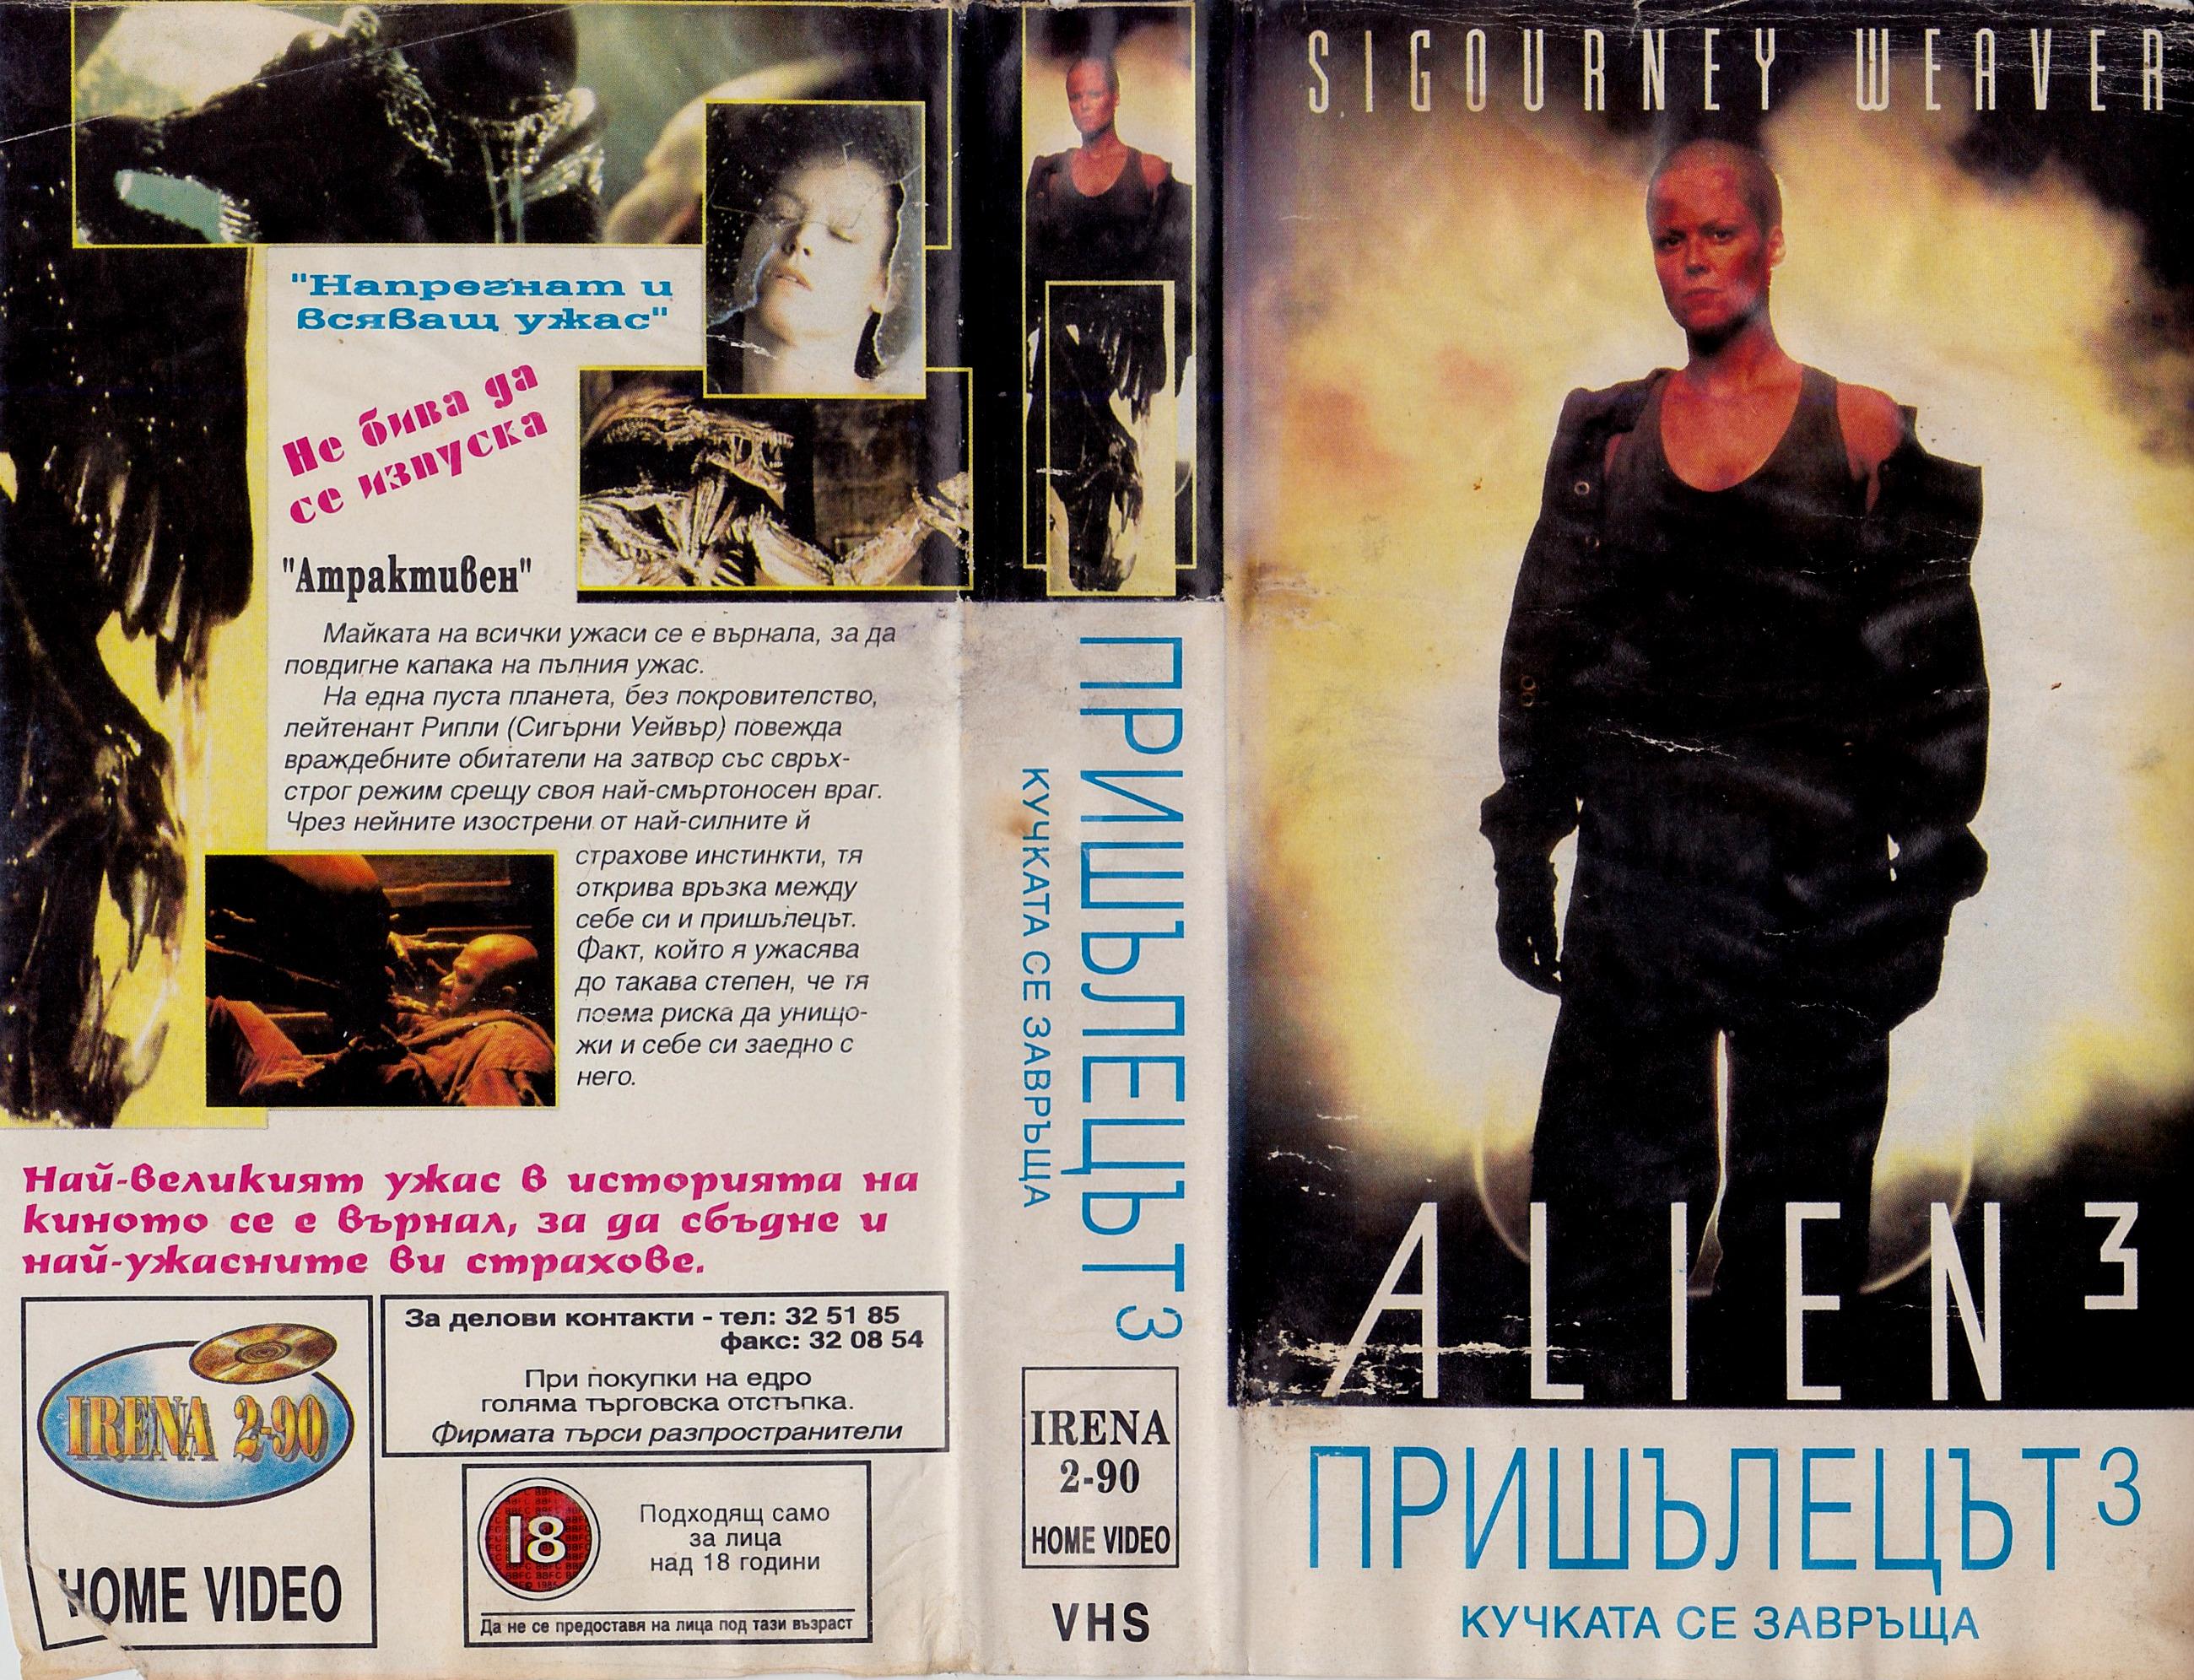 Пришълецът 3 филм постер